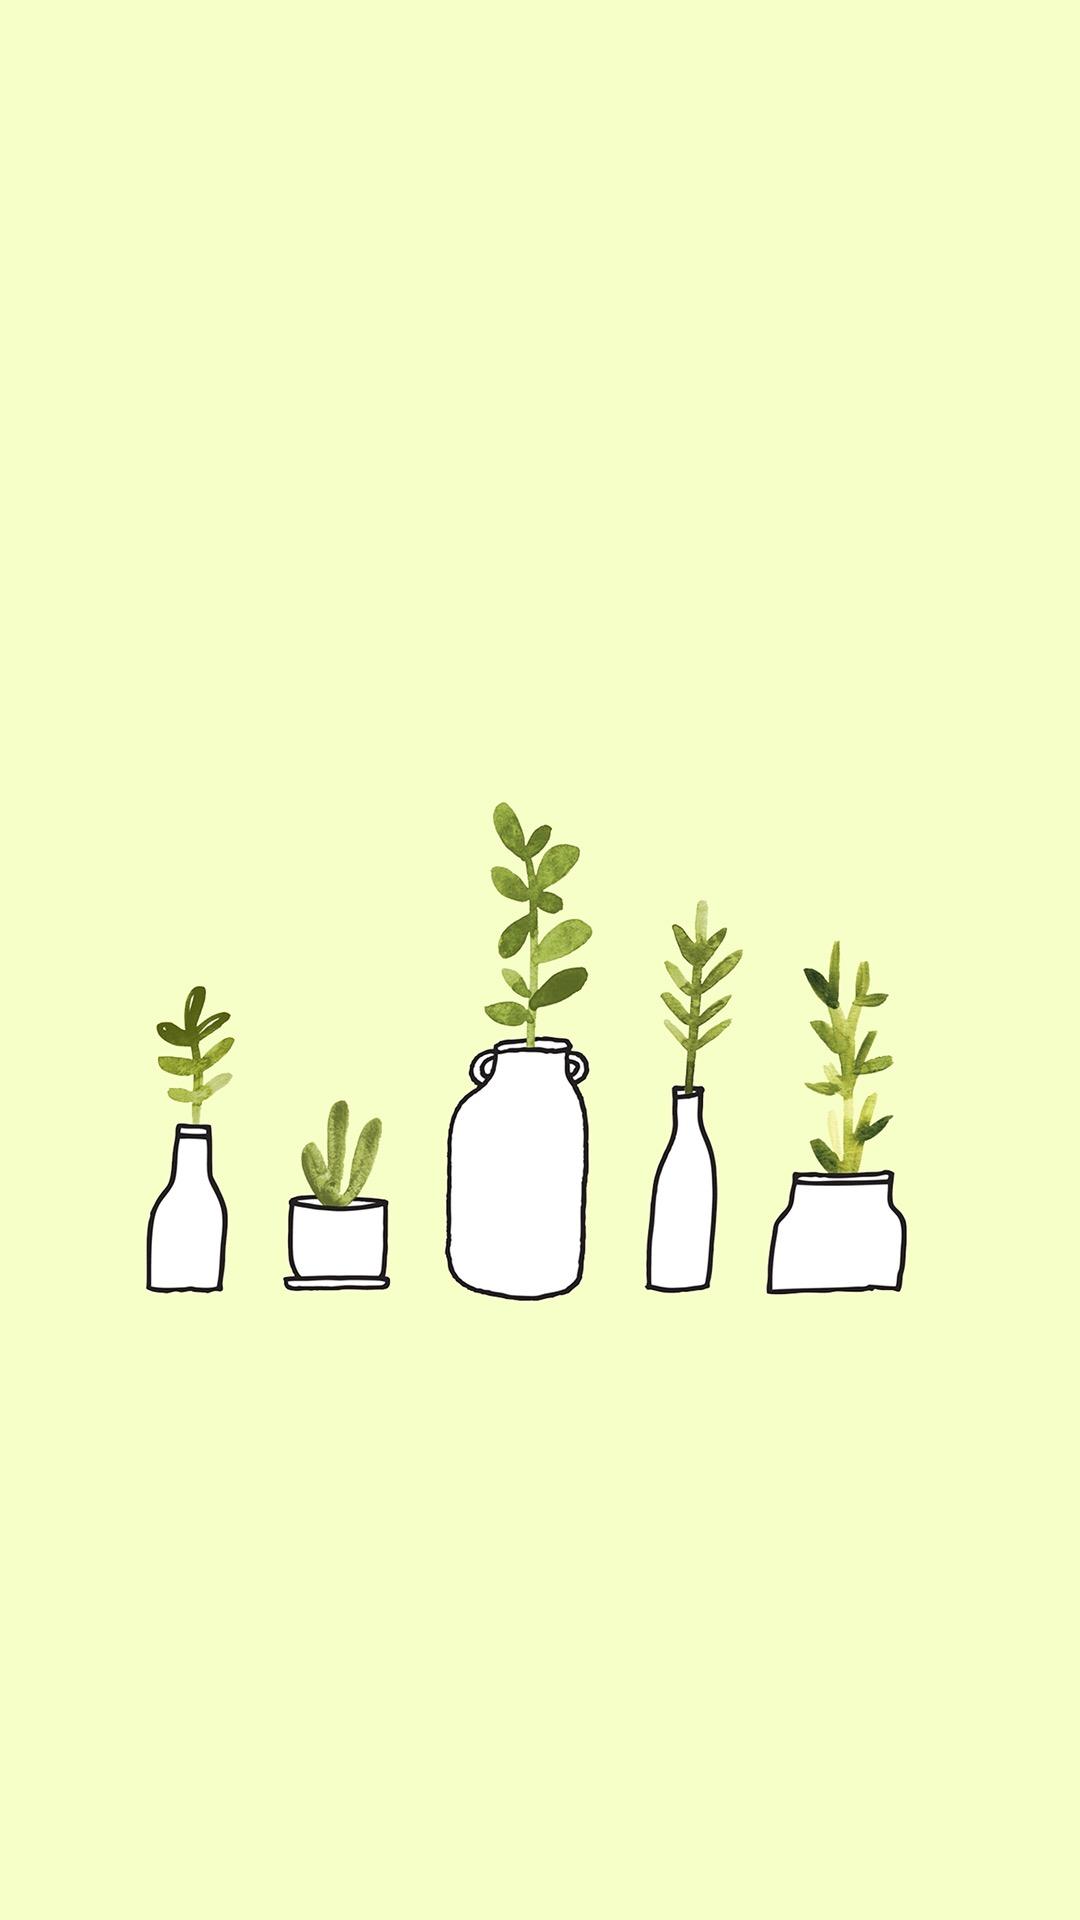 盆栽 手绘 插画 叶子 绿色